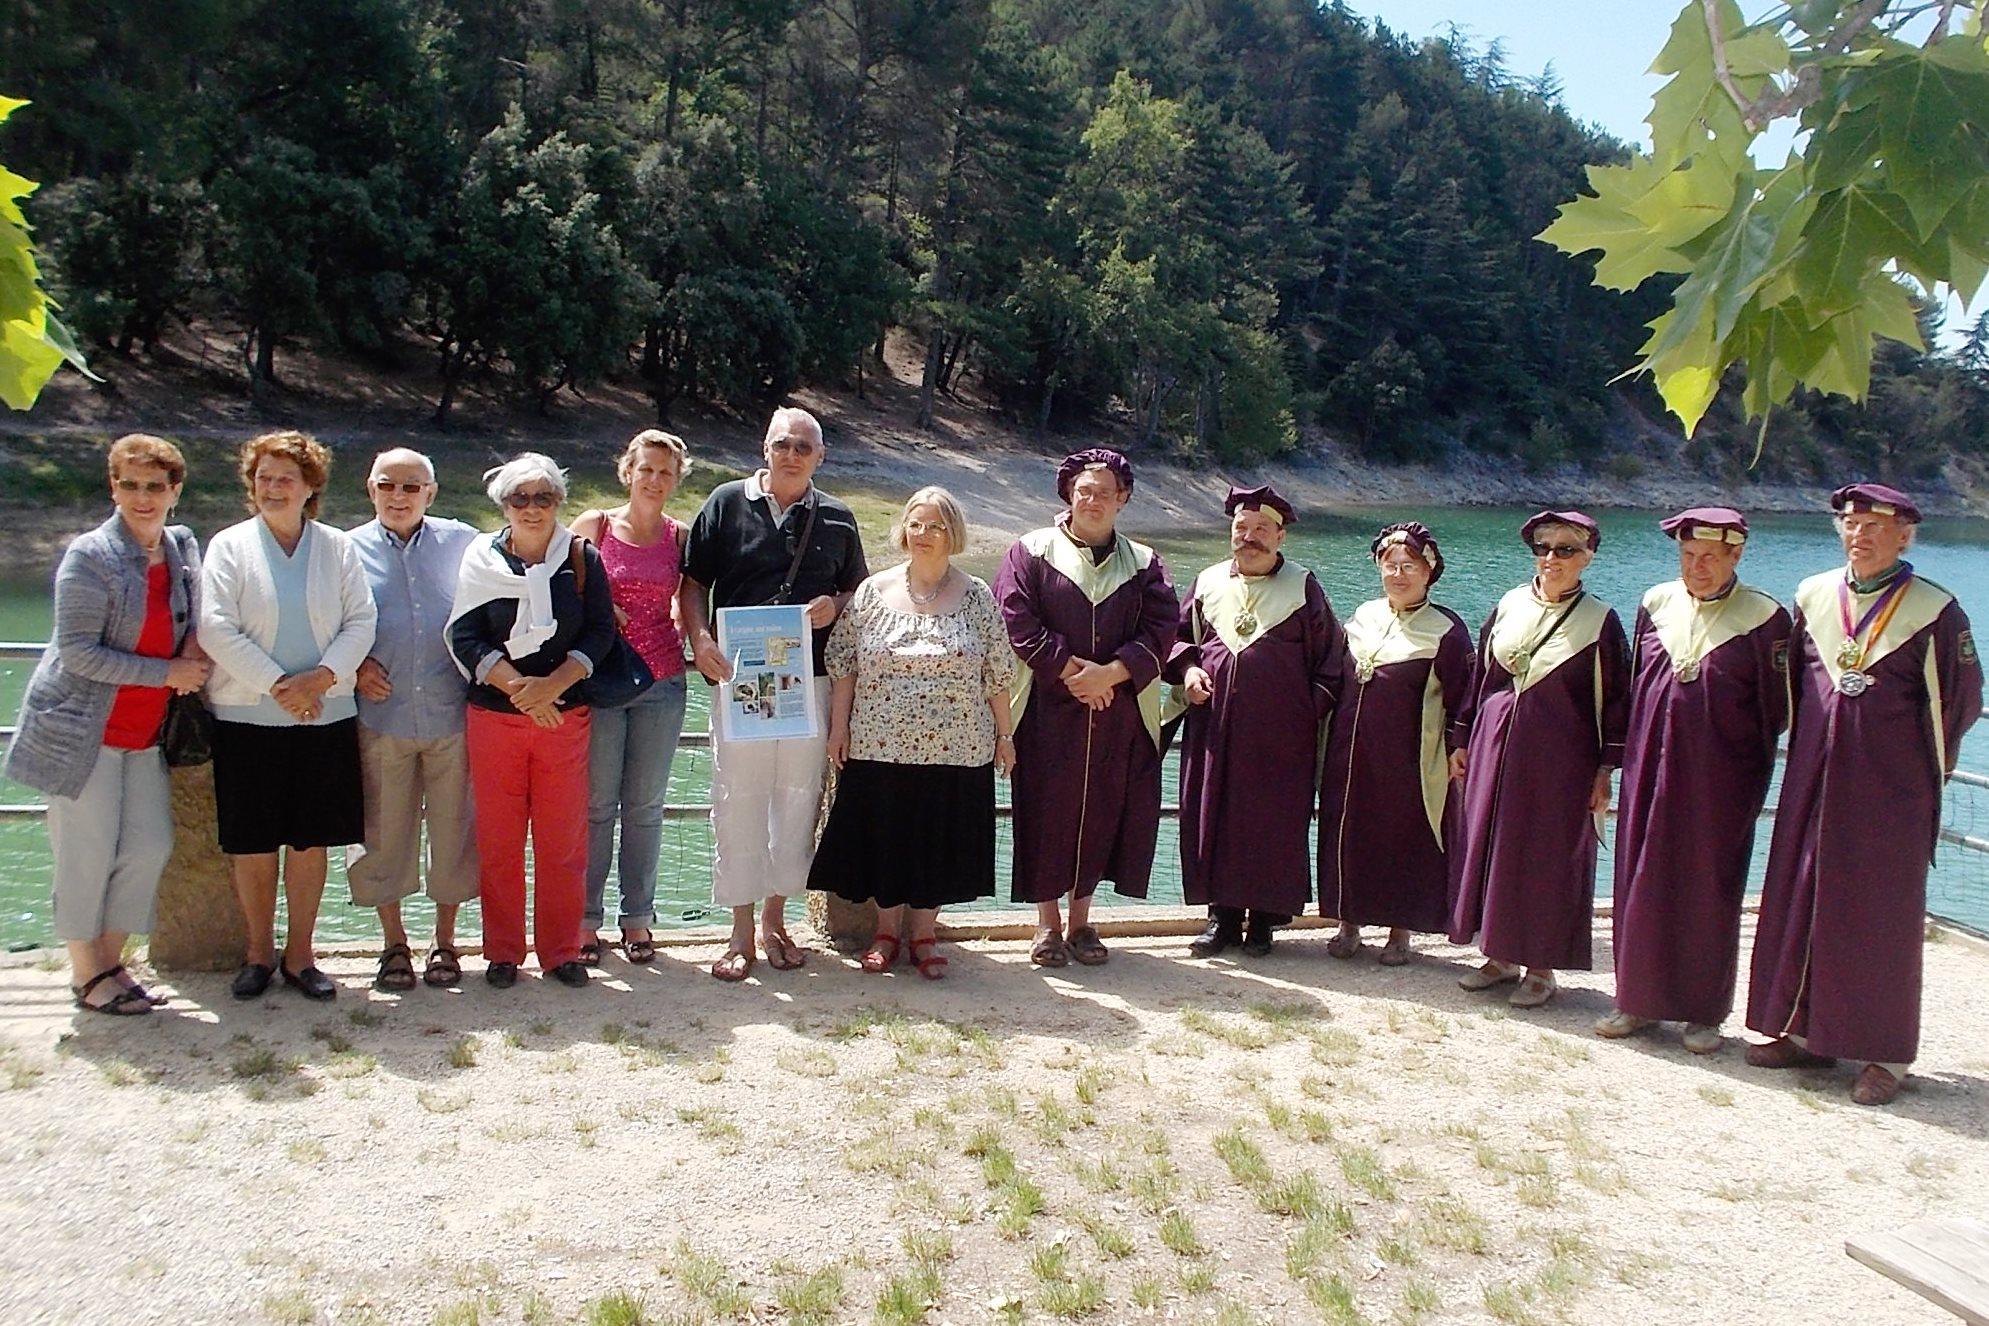 Les associations réunies samedi 12 juillet au lac du Paty.